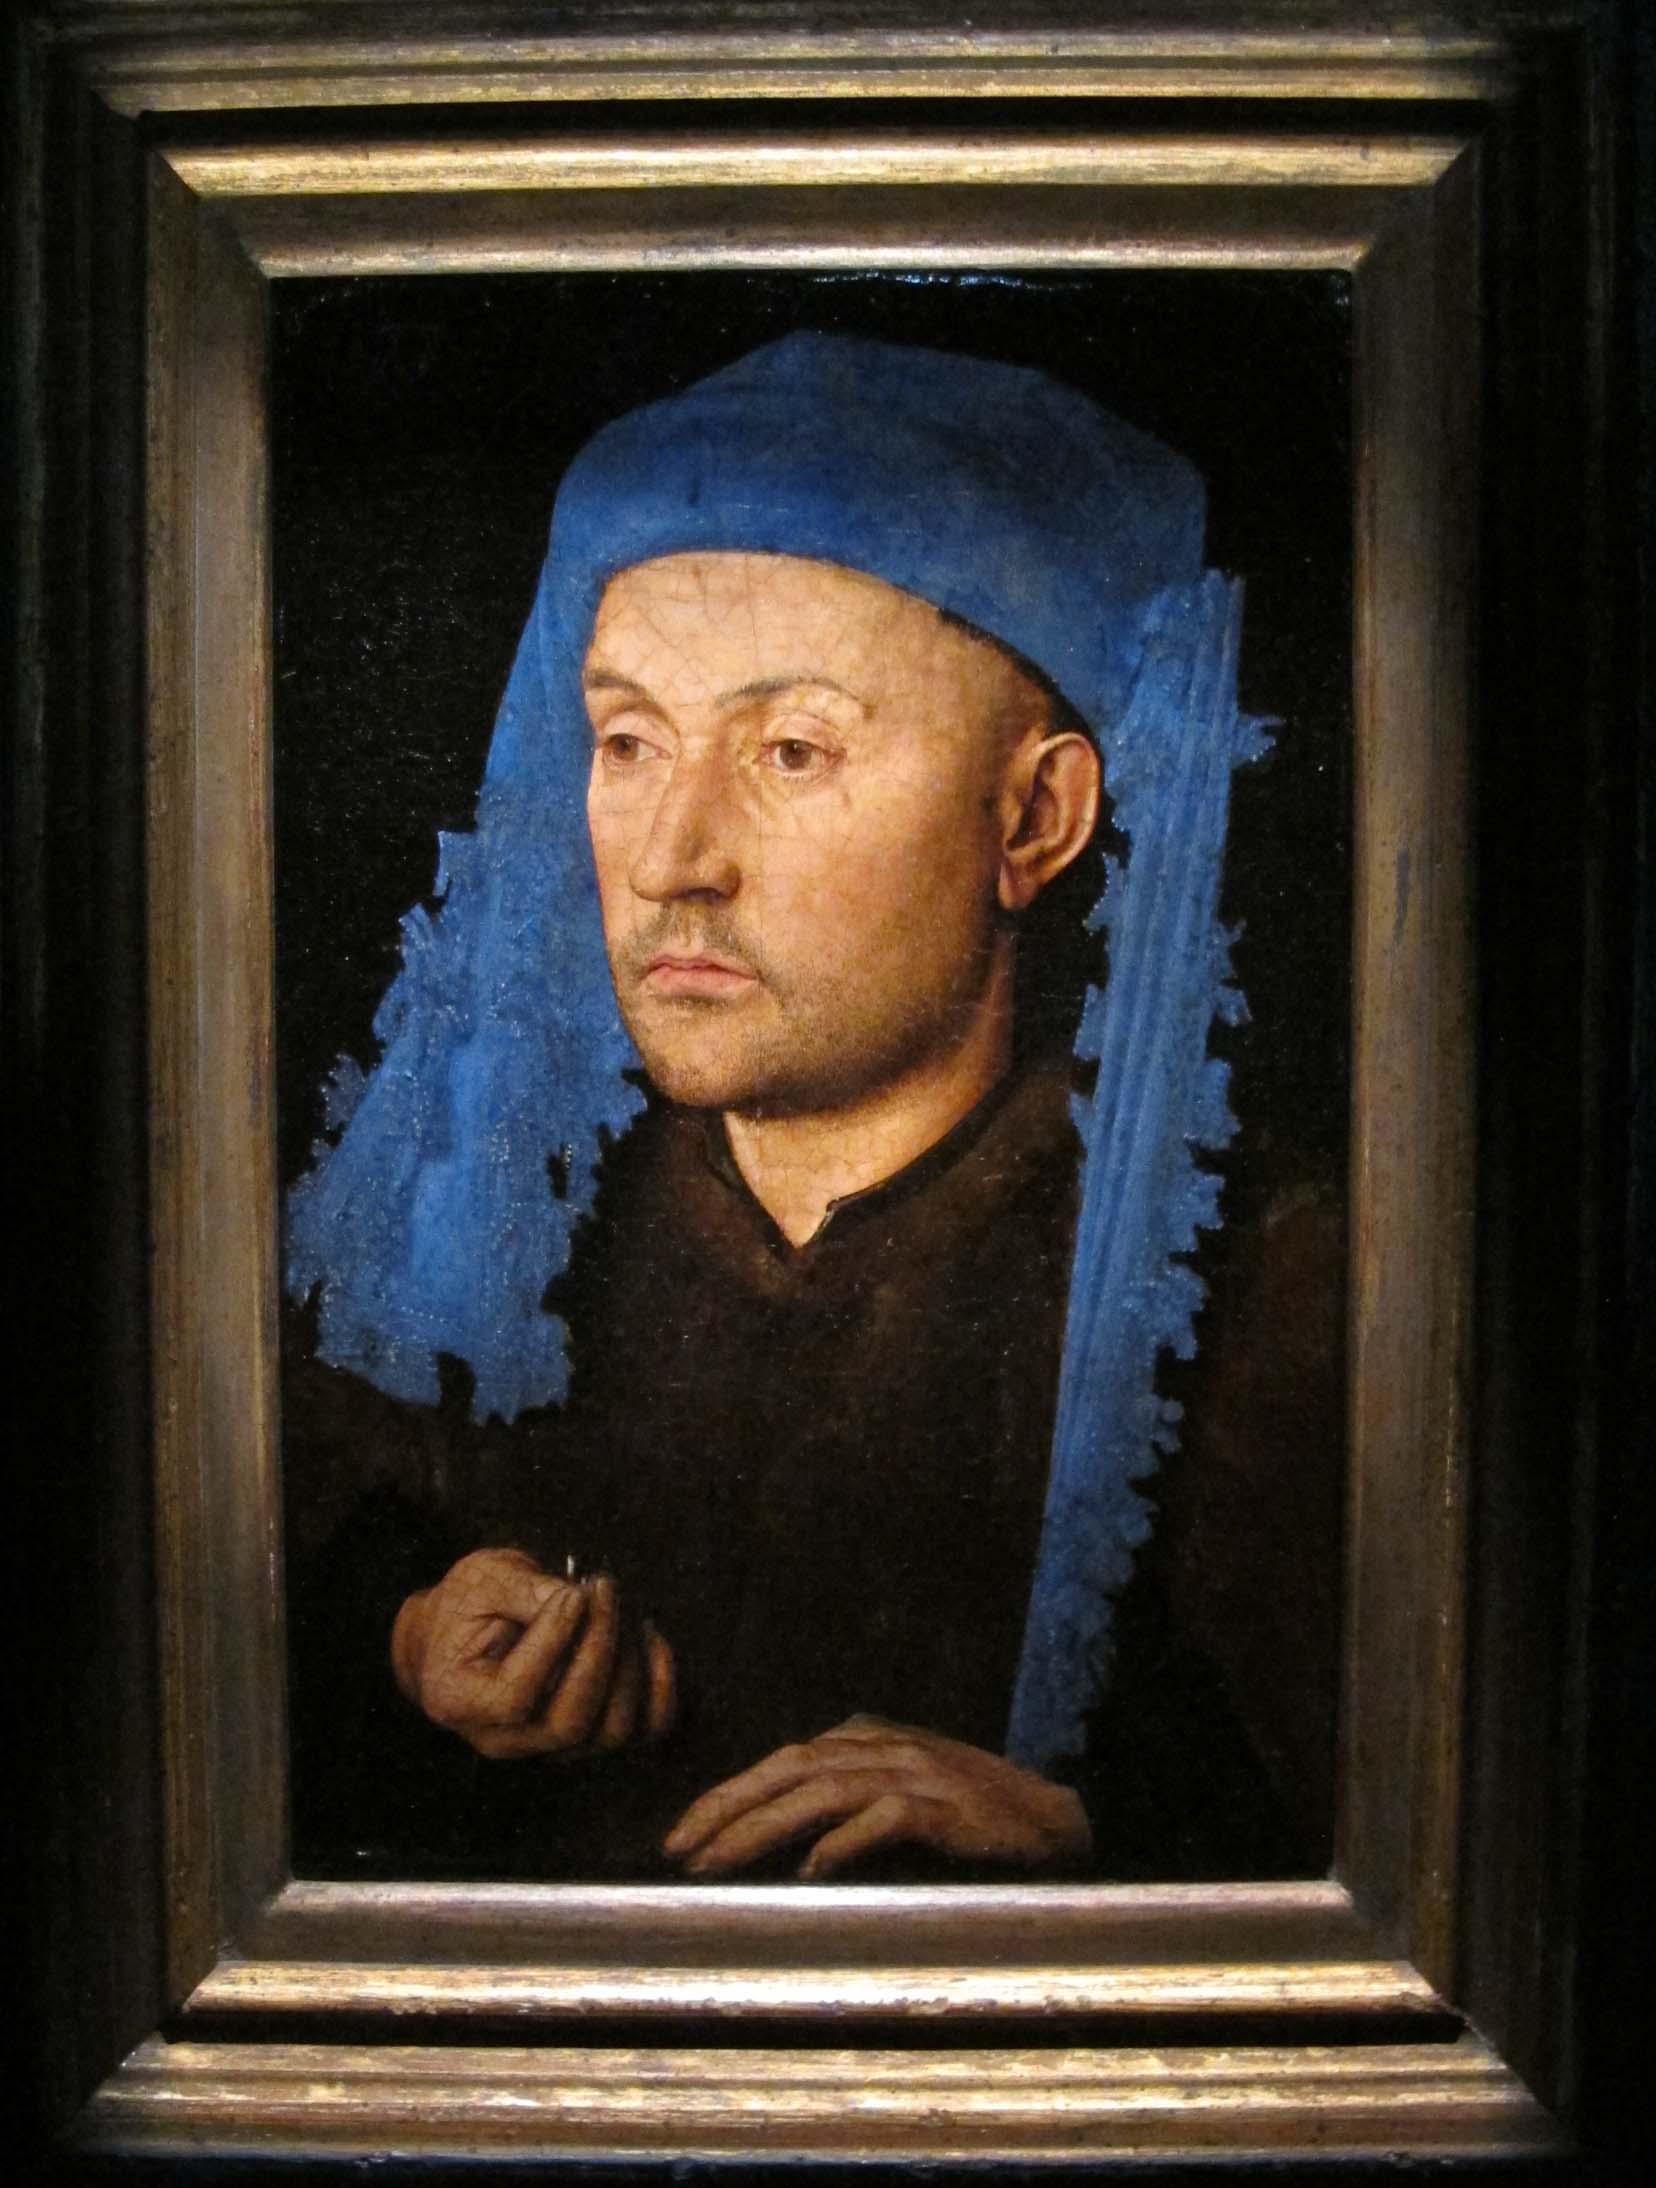 filejan van eyck uomo con lanello e il turbante blujpg